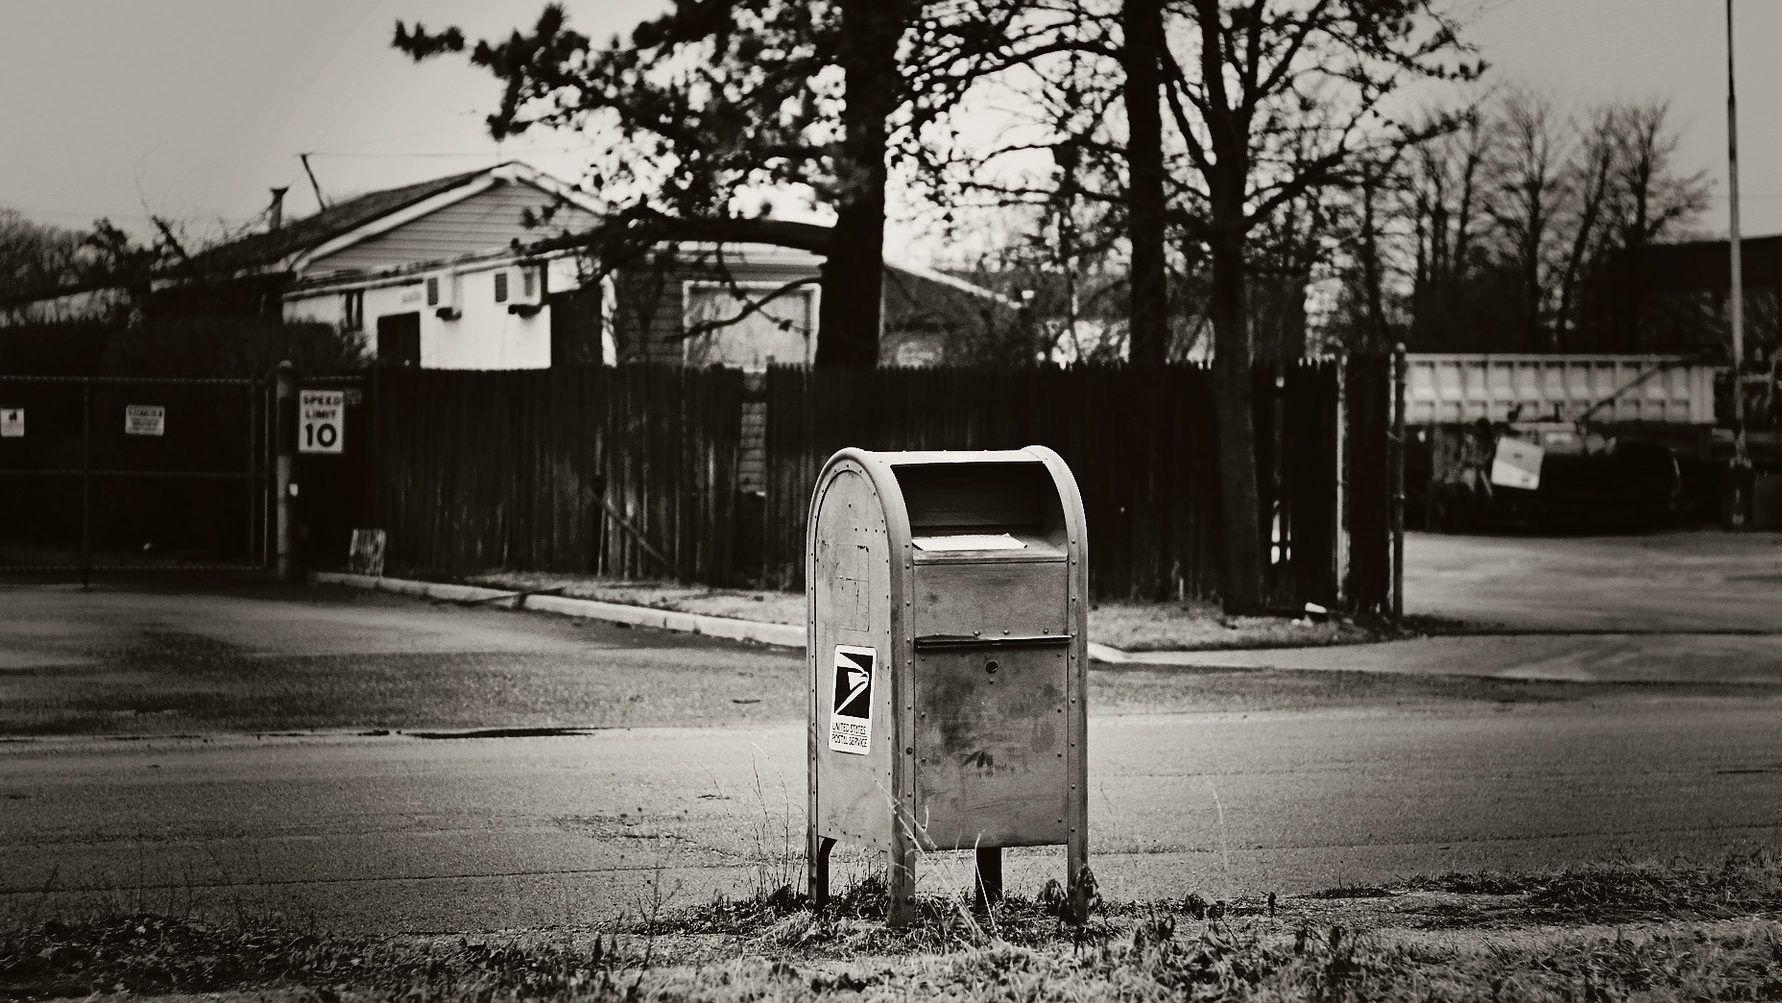 ventajas y desventajas del correo tradicional